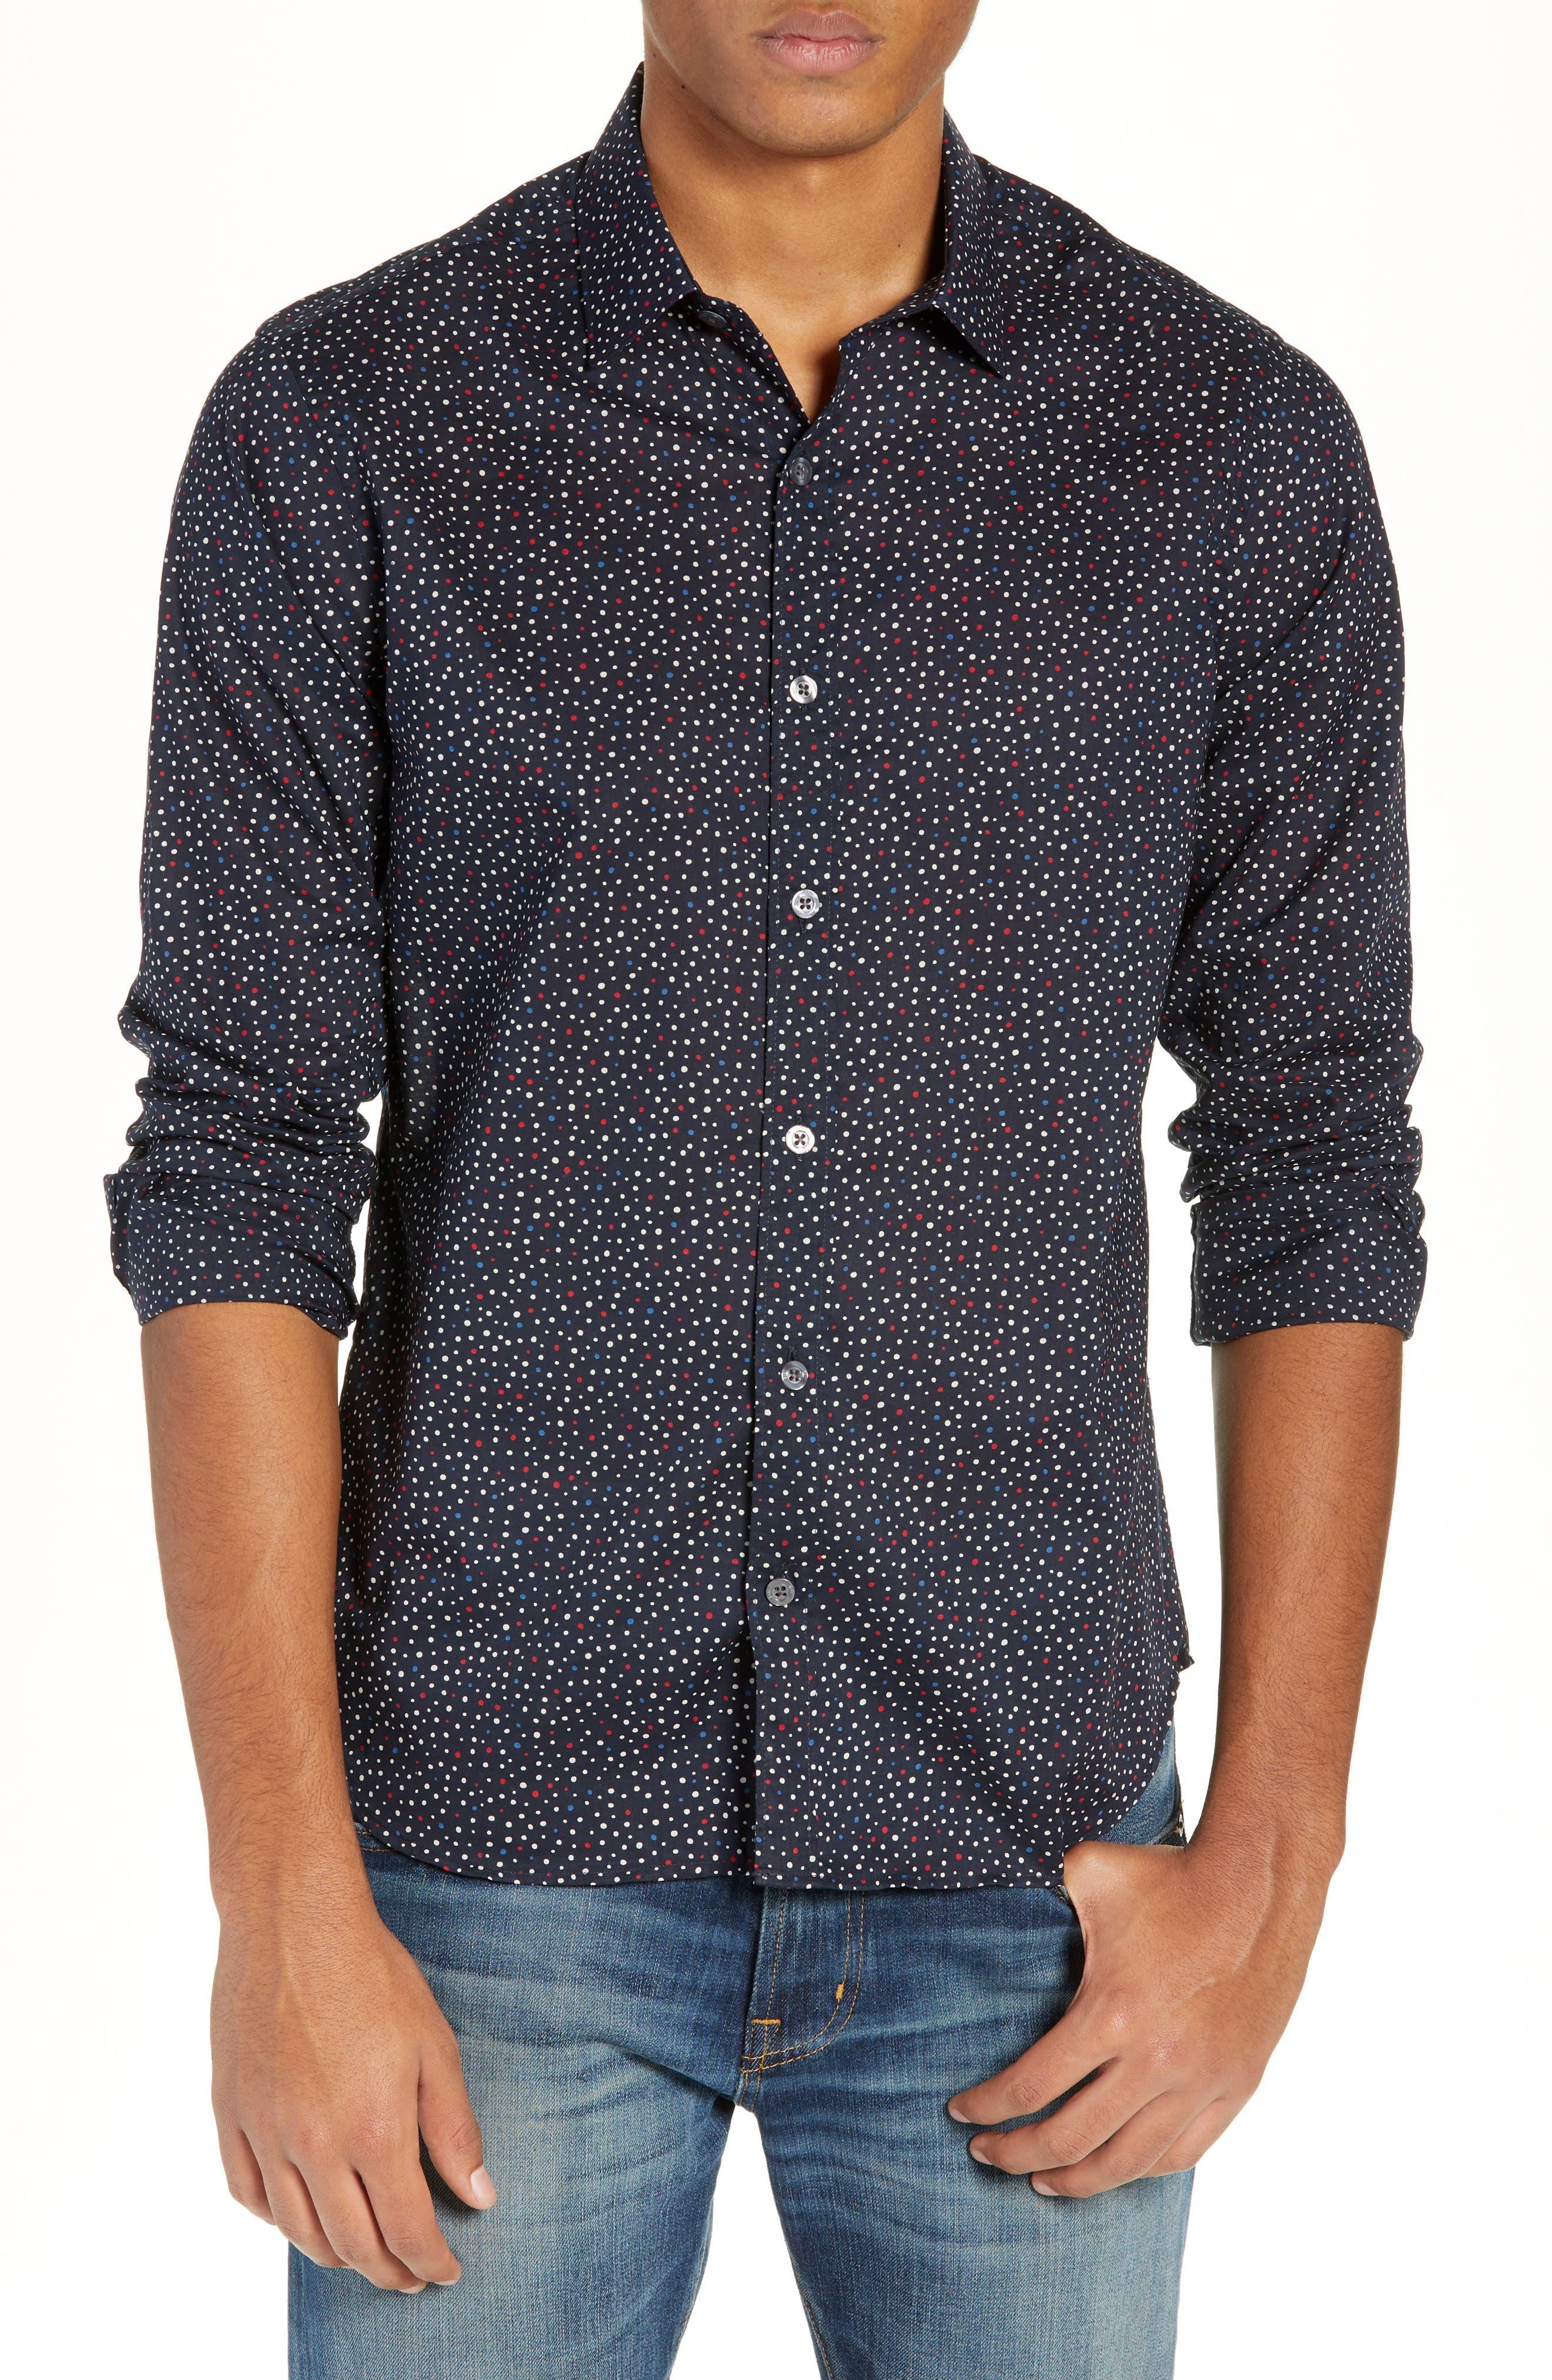 Jenks Slim Fit Long Sleeve Sport Shirt,                             Main thumbnail 1, color,                             BLACK